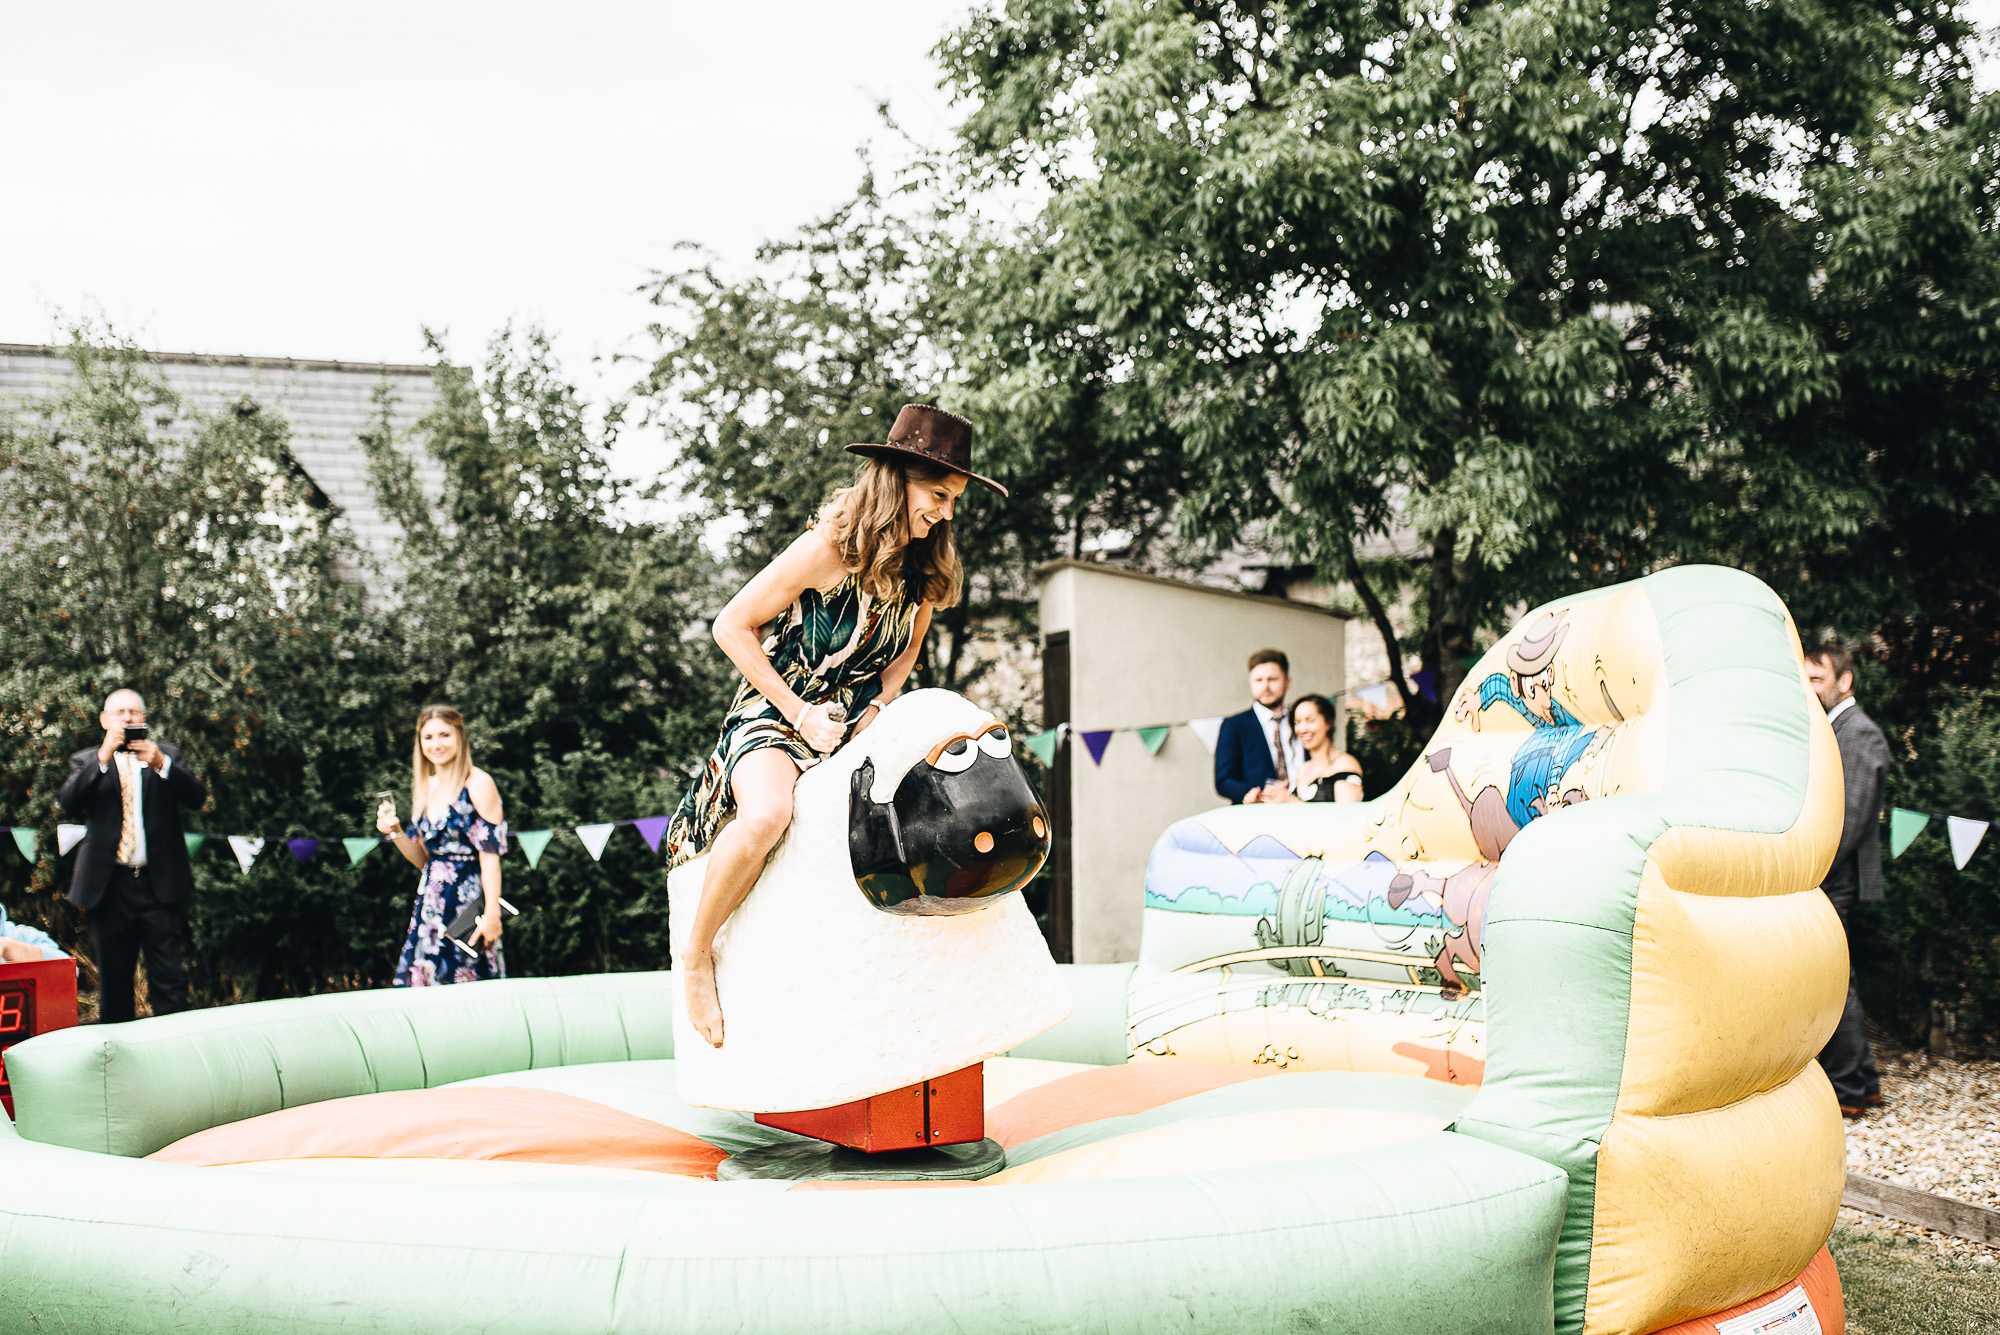 OurBeautifulAdventure-CardiffCastleWedding-Maddie&Joe-WeddingBlog-2551.jpg